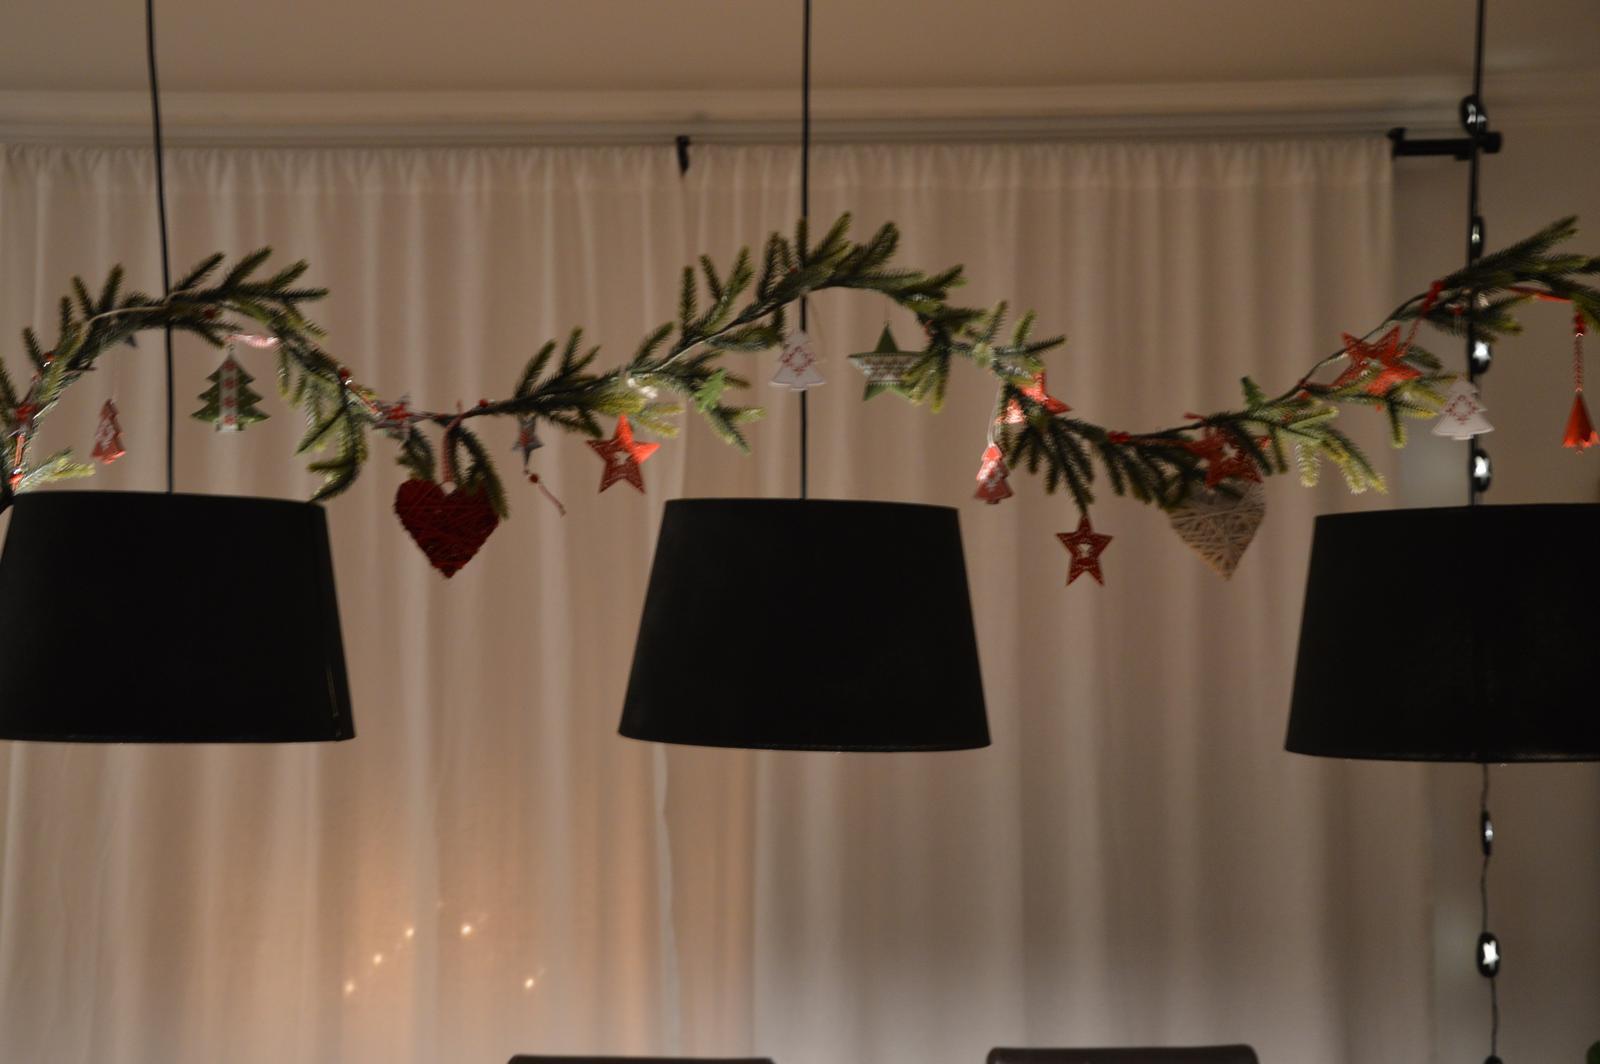 ★☆★Adventný a vianočný čas u nás ... ★☆★ 2015, 2016 - načo sú dobré tri lampy nad stolom ?